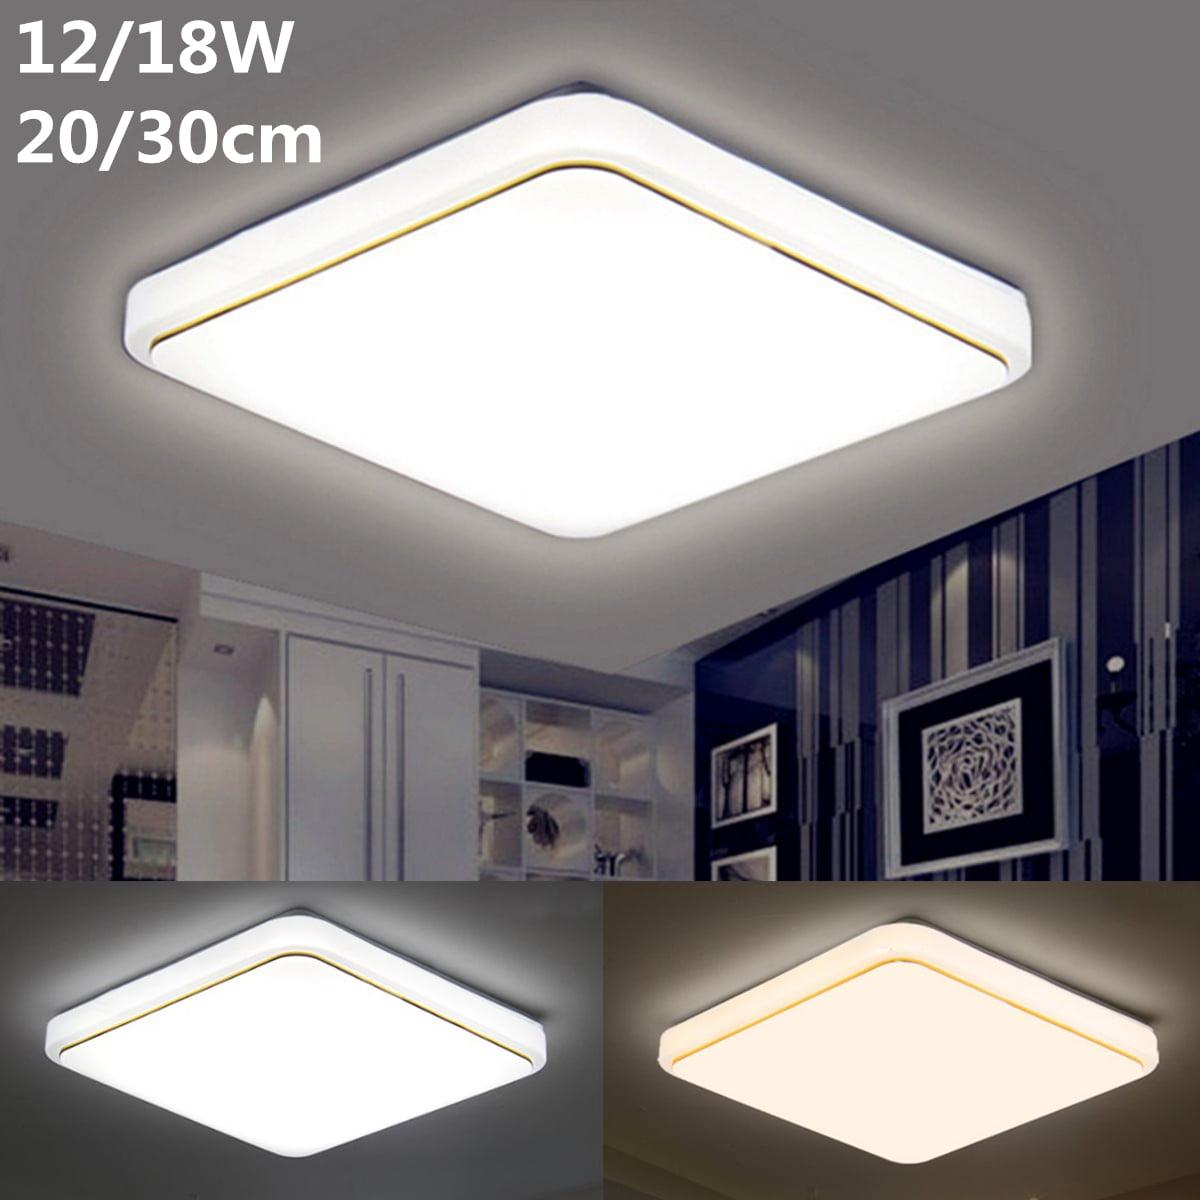 Meigar 12/18W 20/30cm Modern Square LED Ceiling Light Home